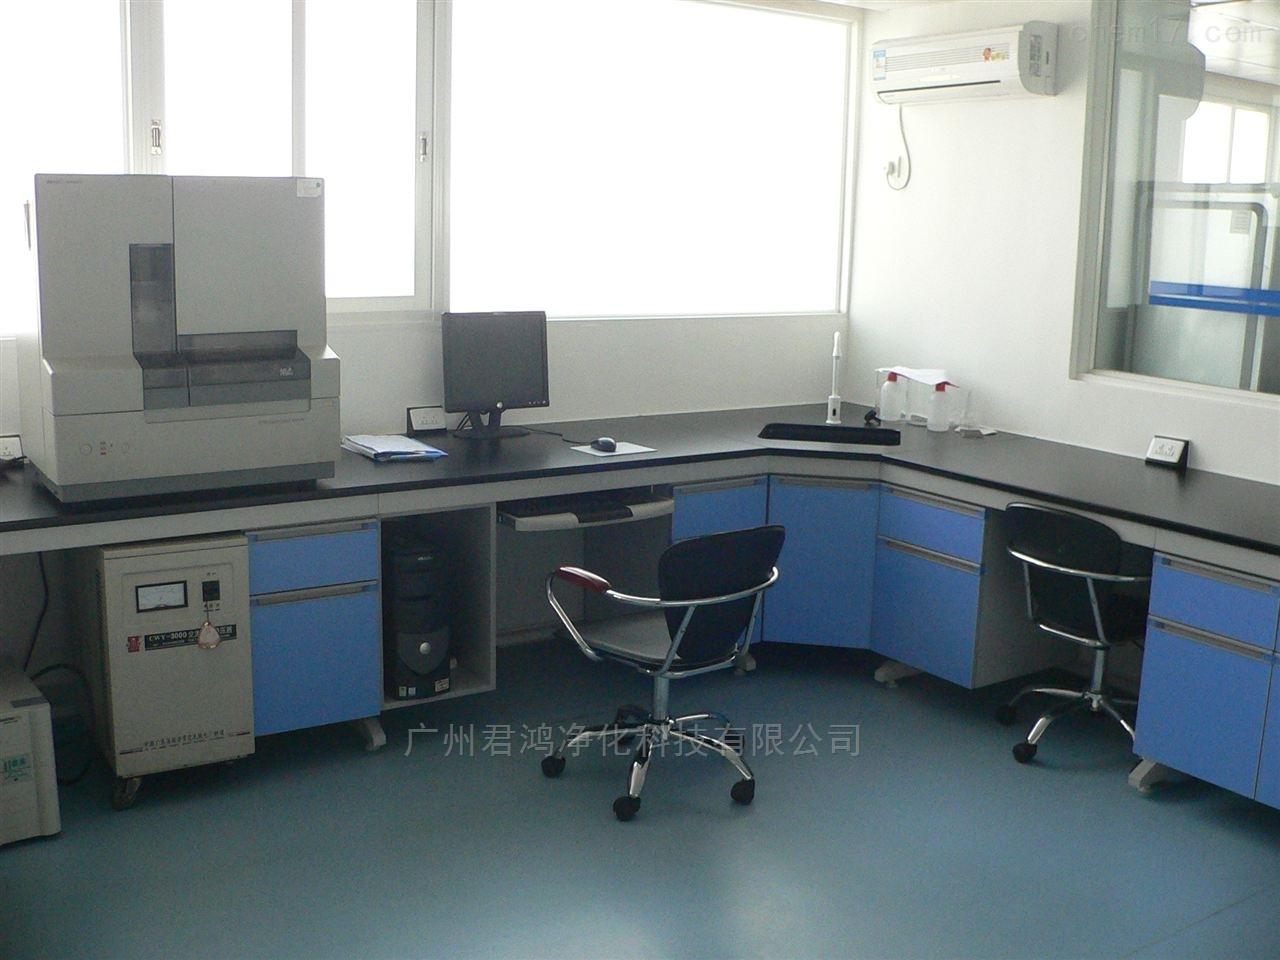 君鸿承接清远市化工材料实验室家具整体规划